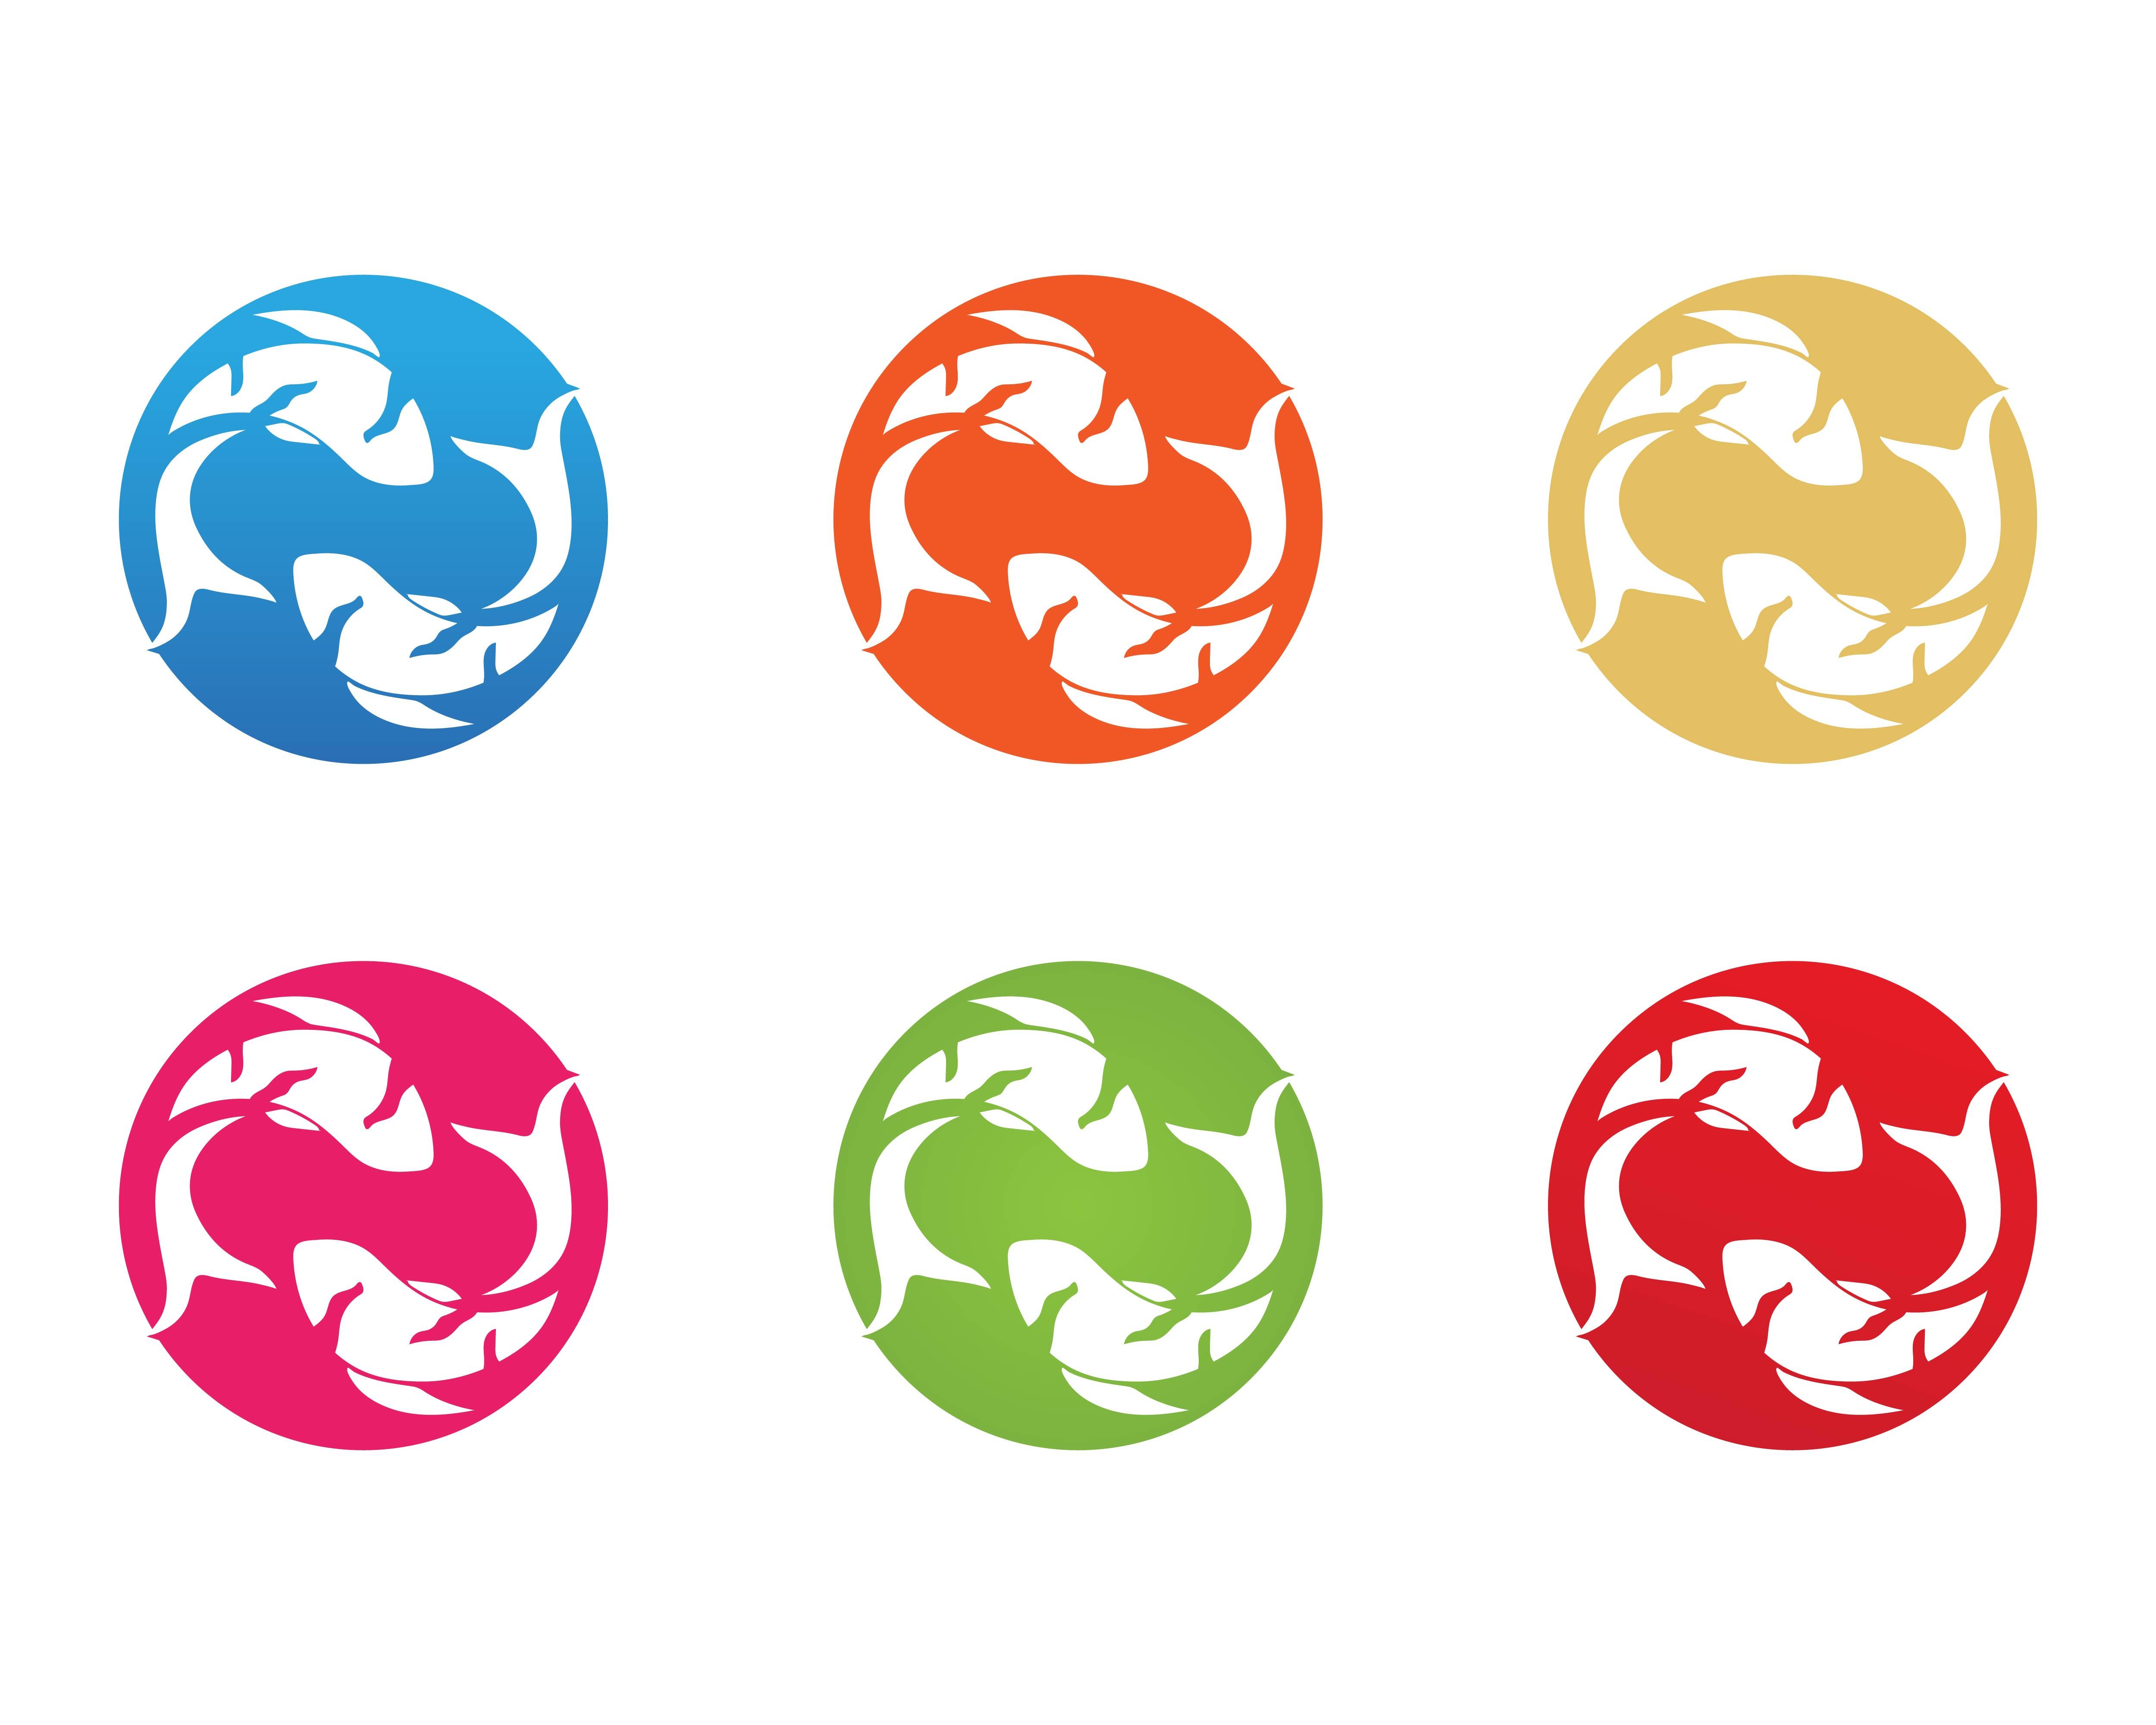 karpfen koi design auf weißem hintergrund tier fisch